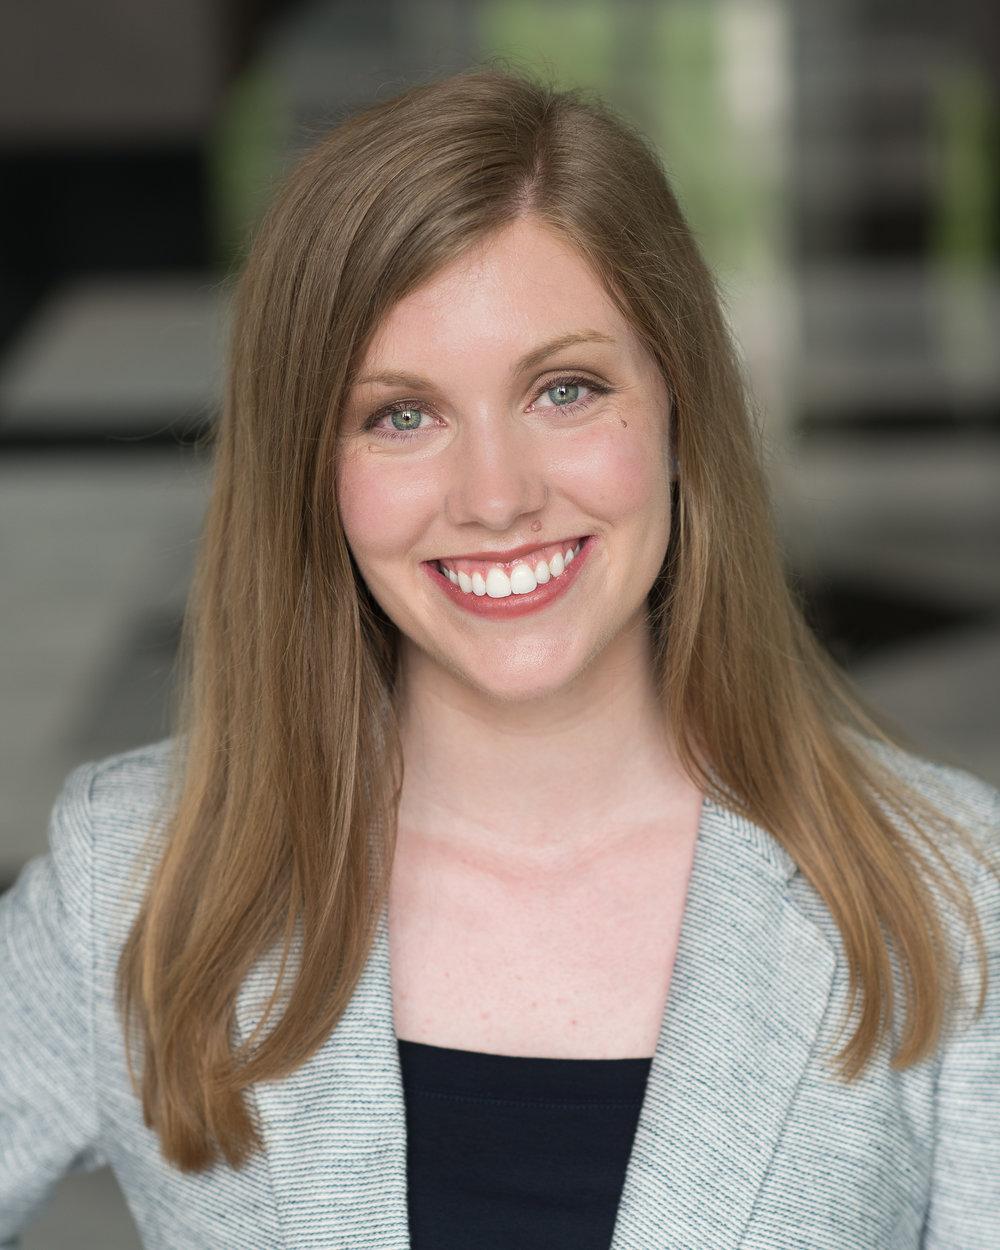 Anna Paulson